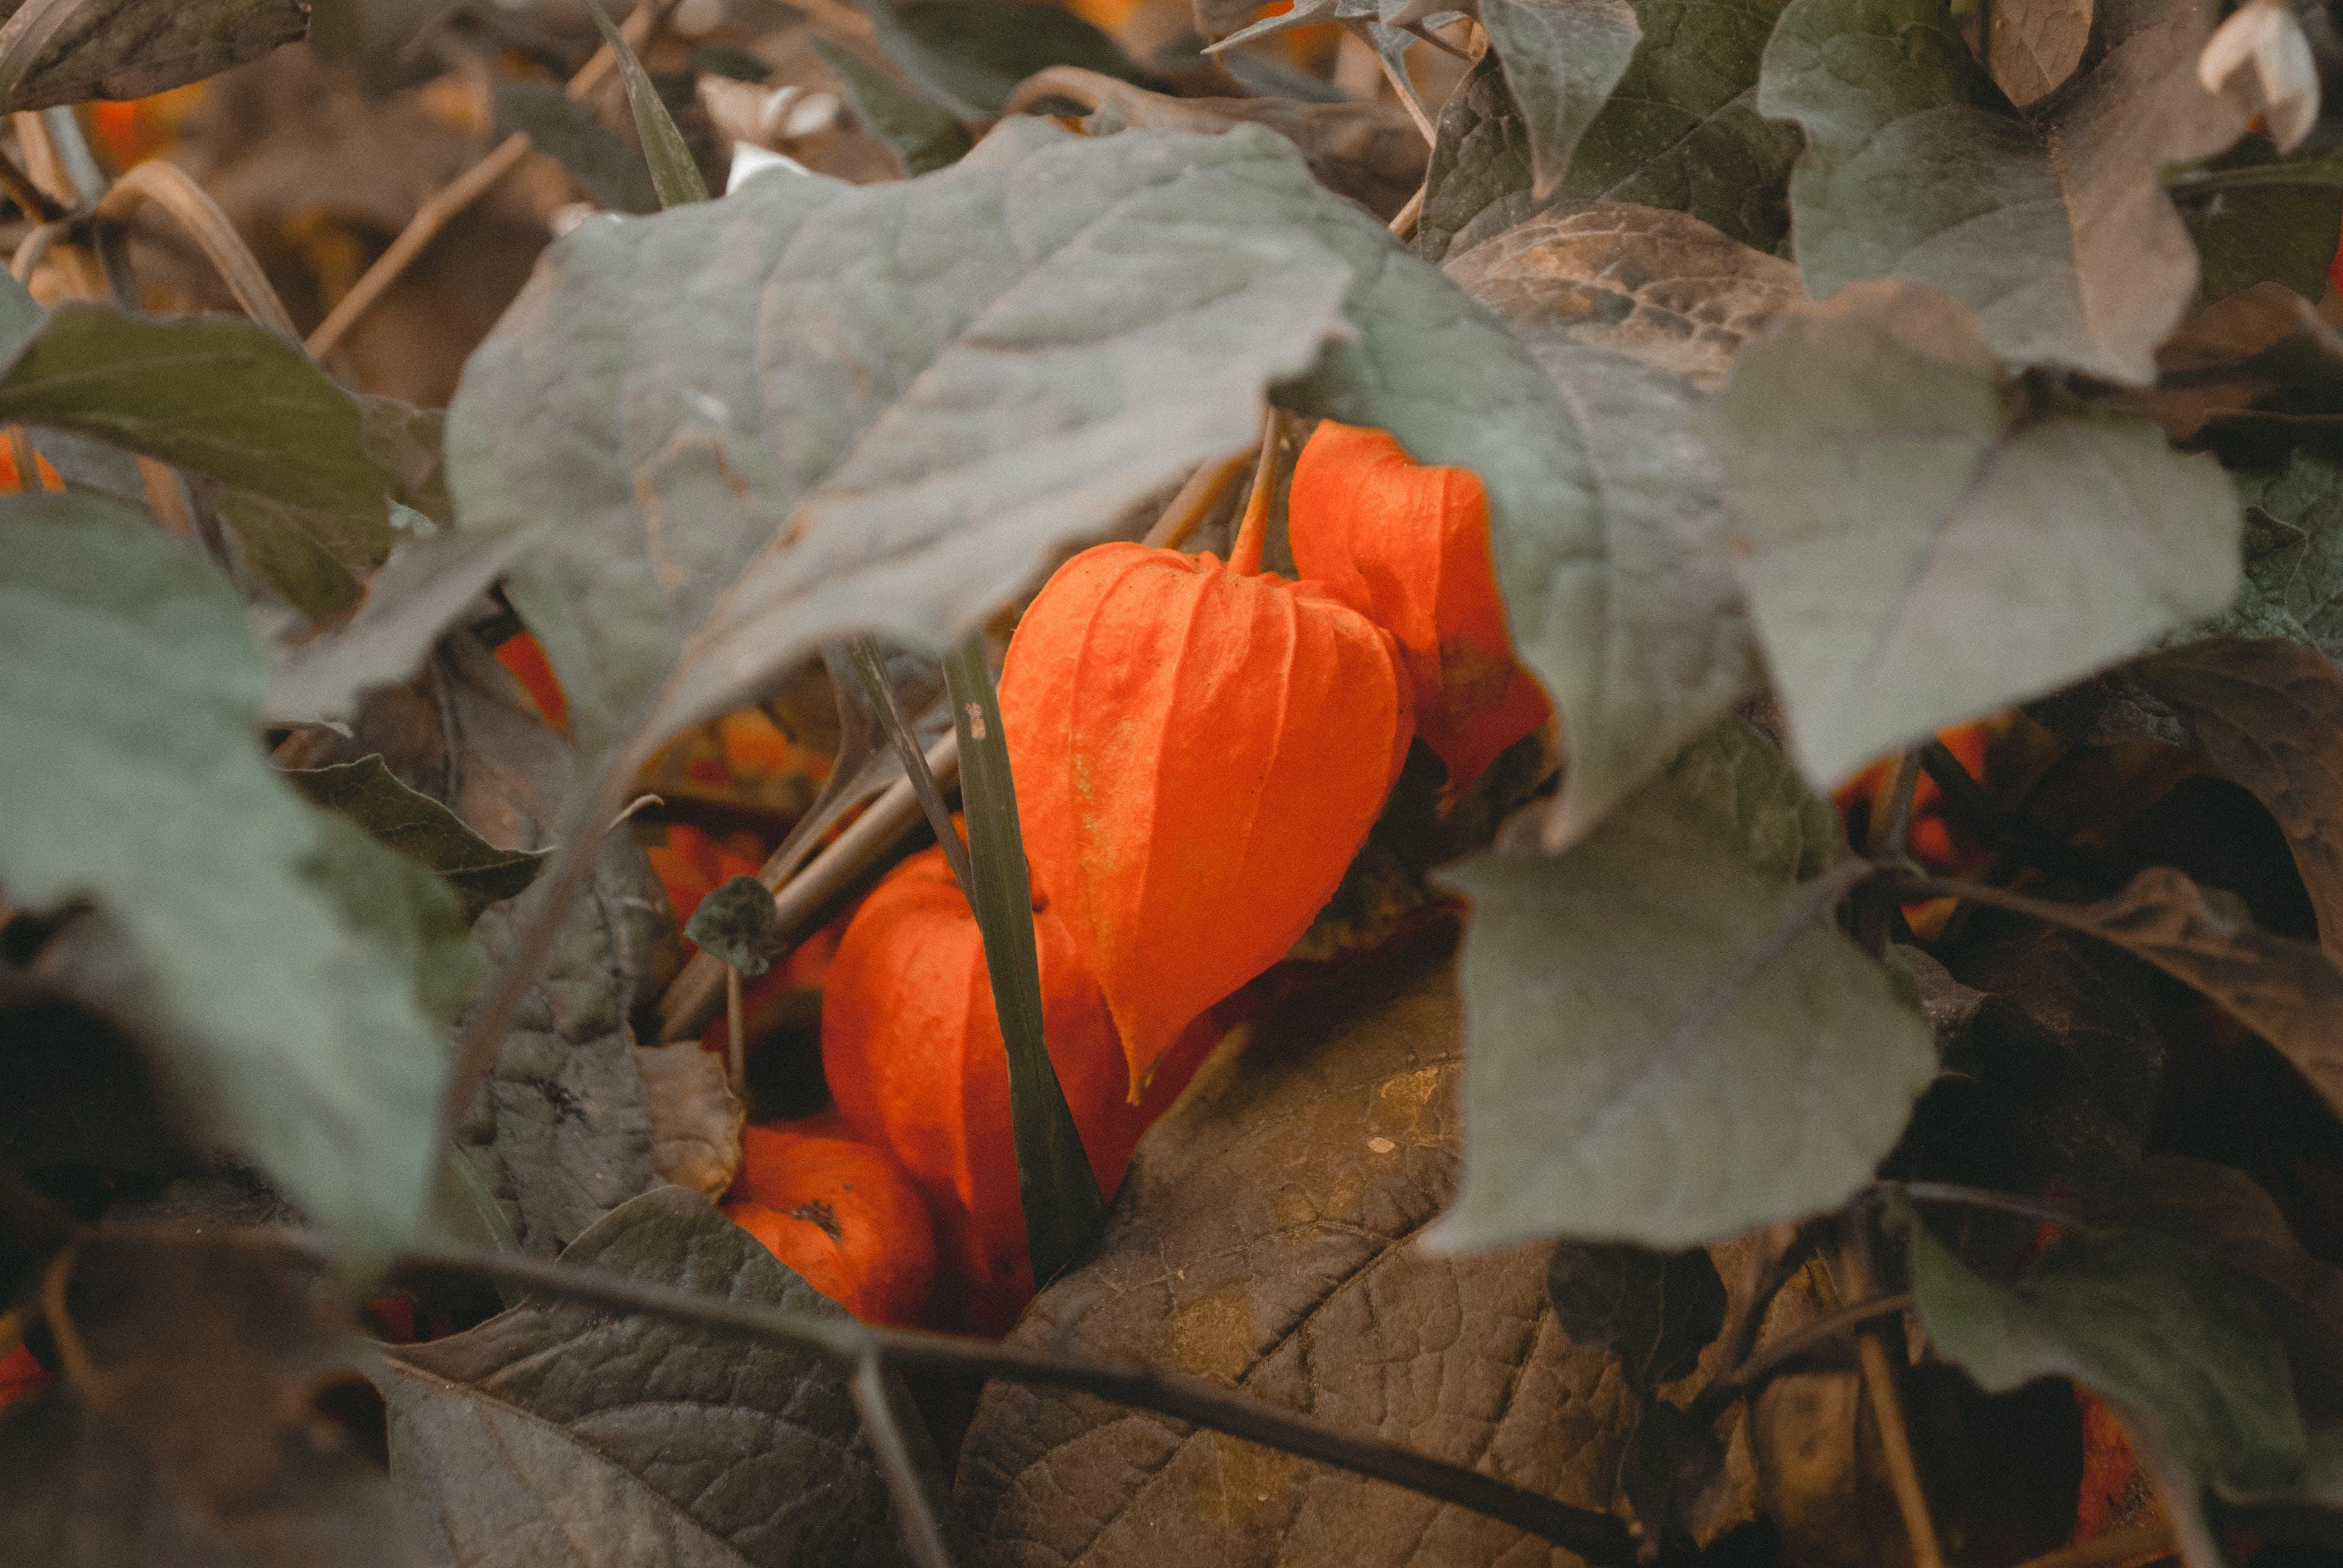 Close-up Photo of Orange Petaled Flowers